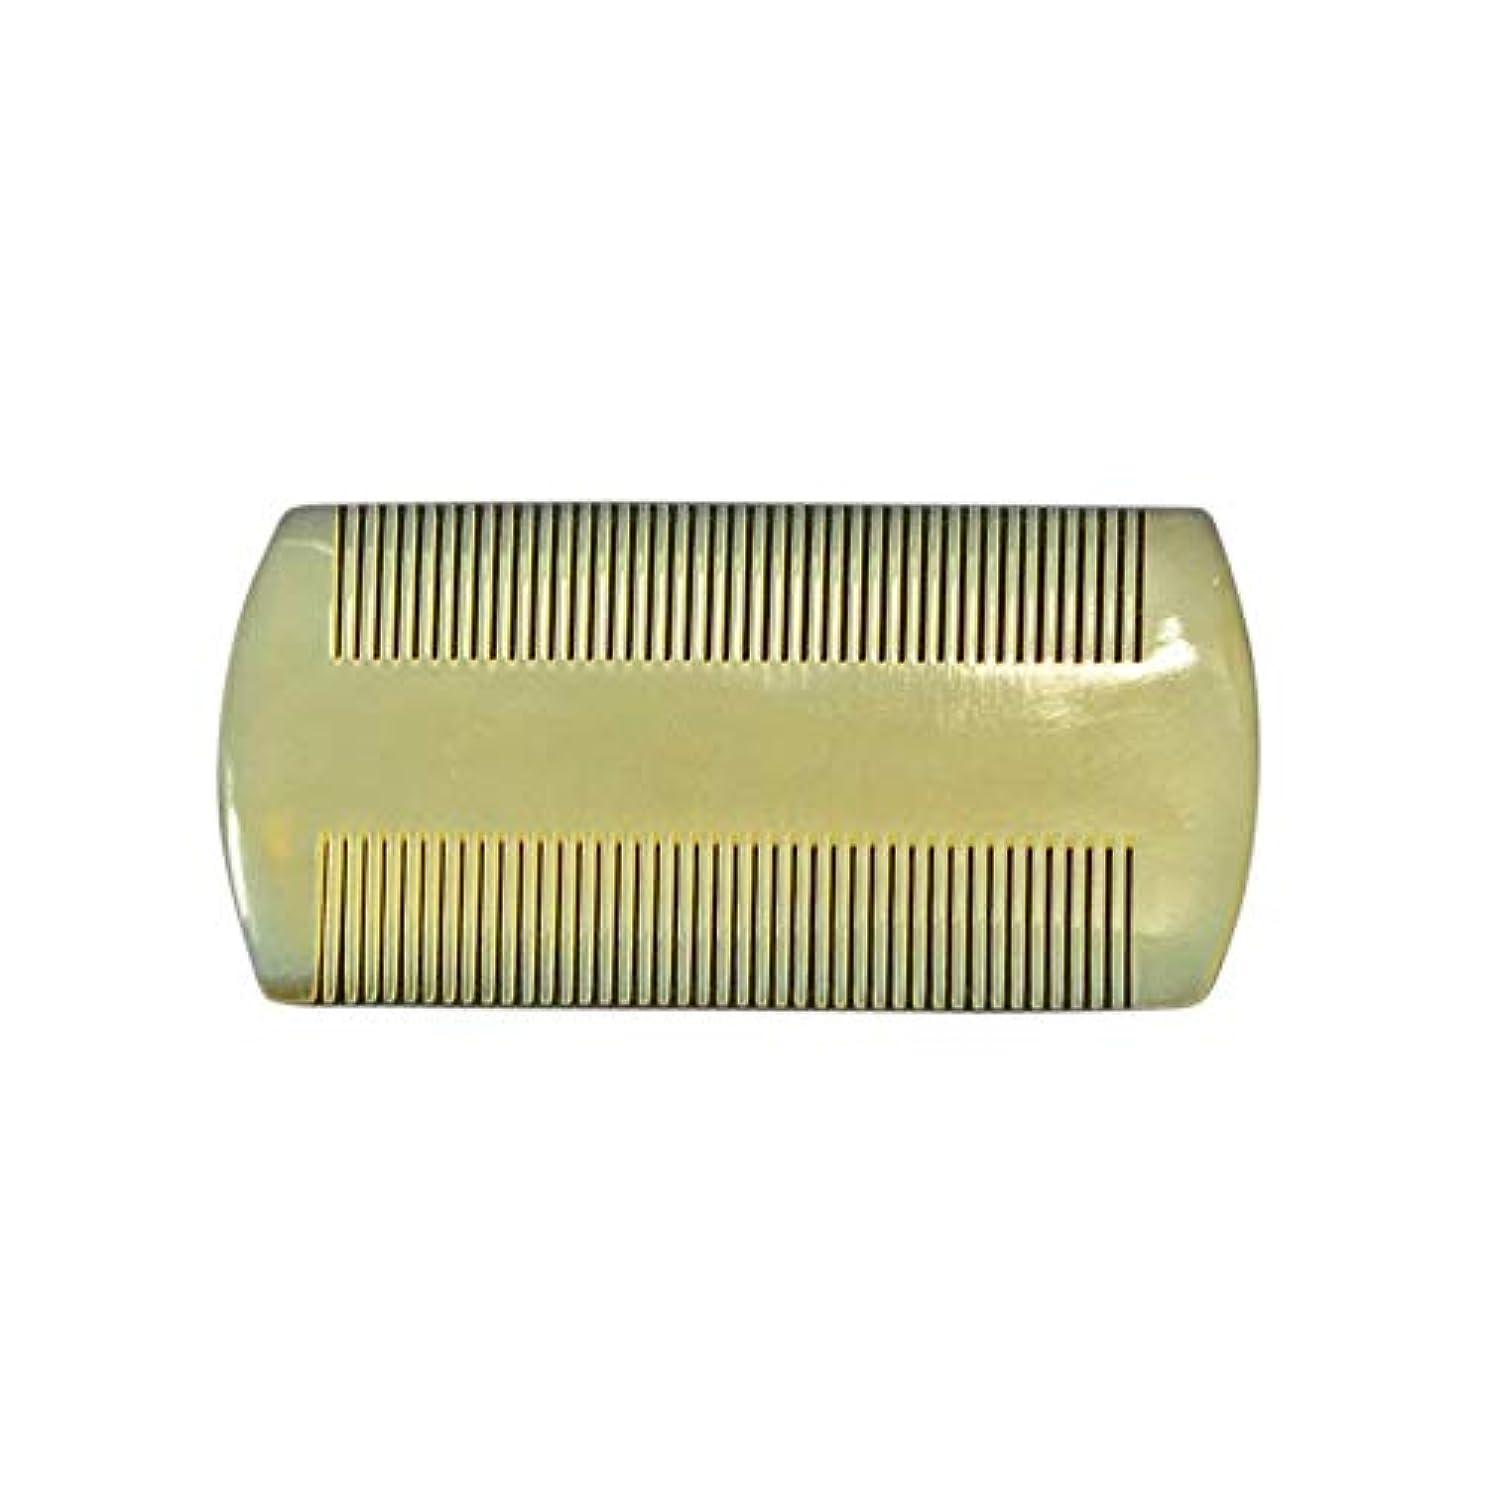 メダリストフォーラム口述するWASAIO ヘアブラシナチュラルシープコーナーコーム-細かい歯の櫛の二重列帯電防止マッサージの櫛